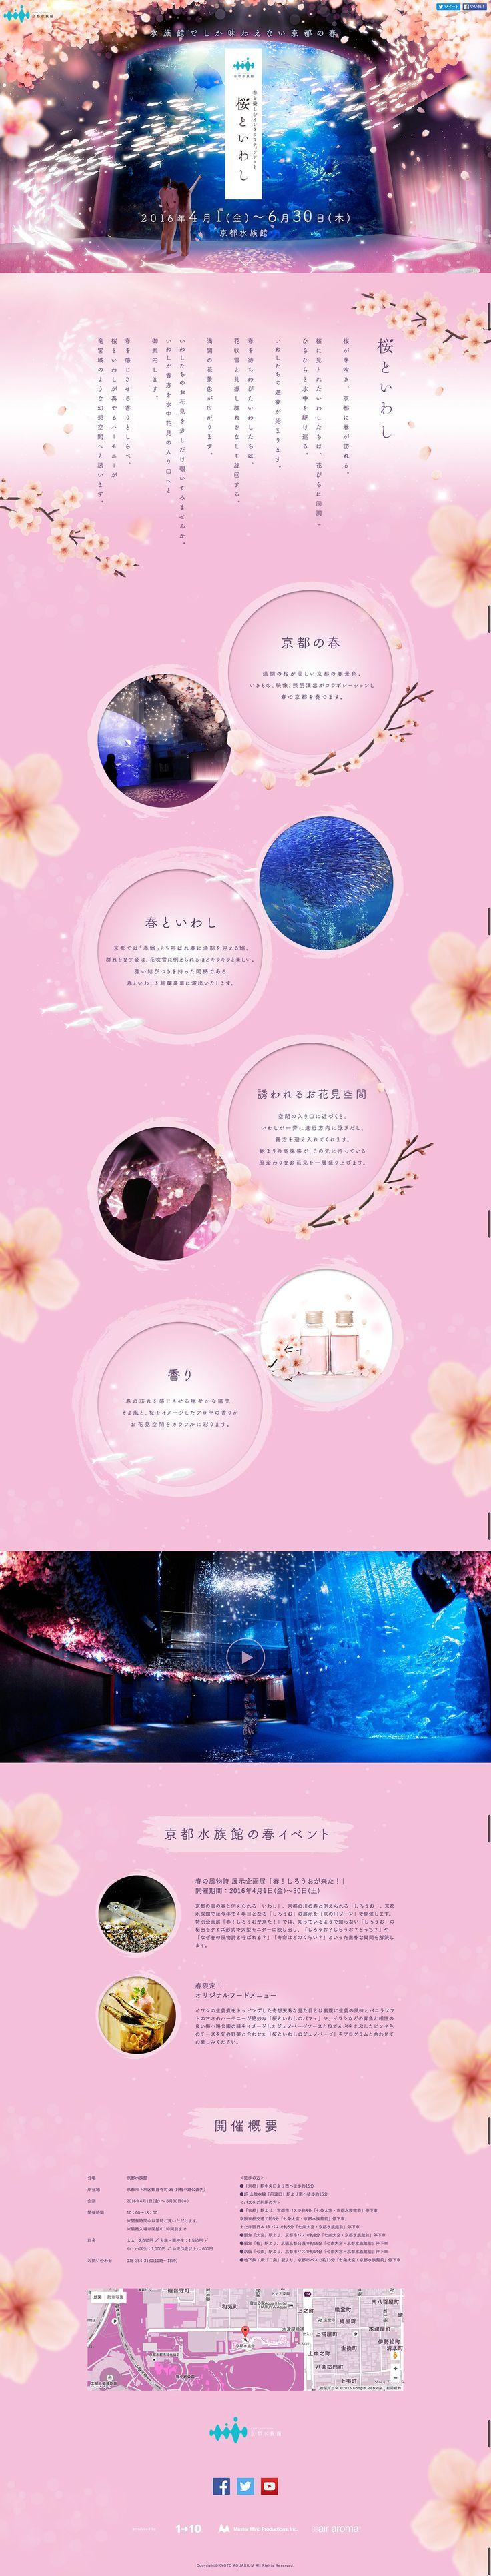 春を楽しむインタラクティブアート 桜といわし | 京都水族館